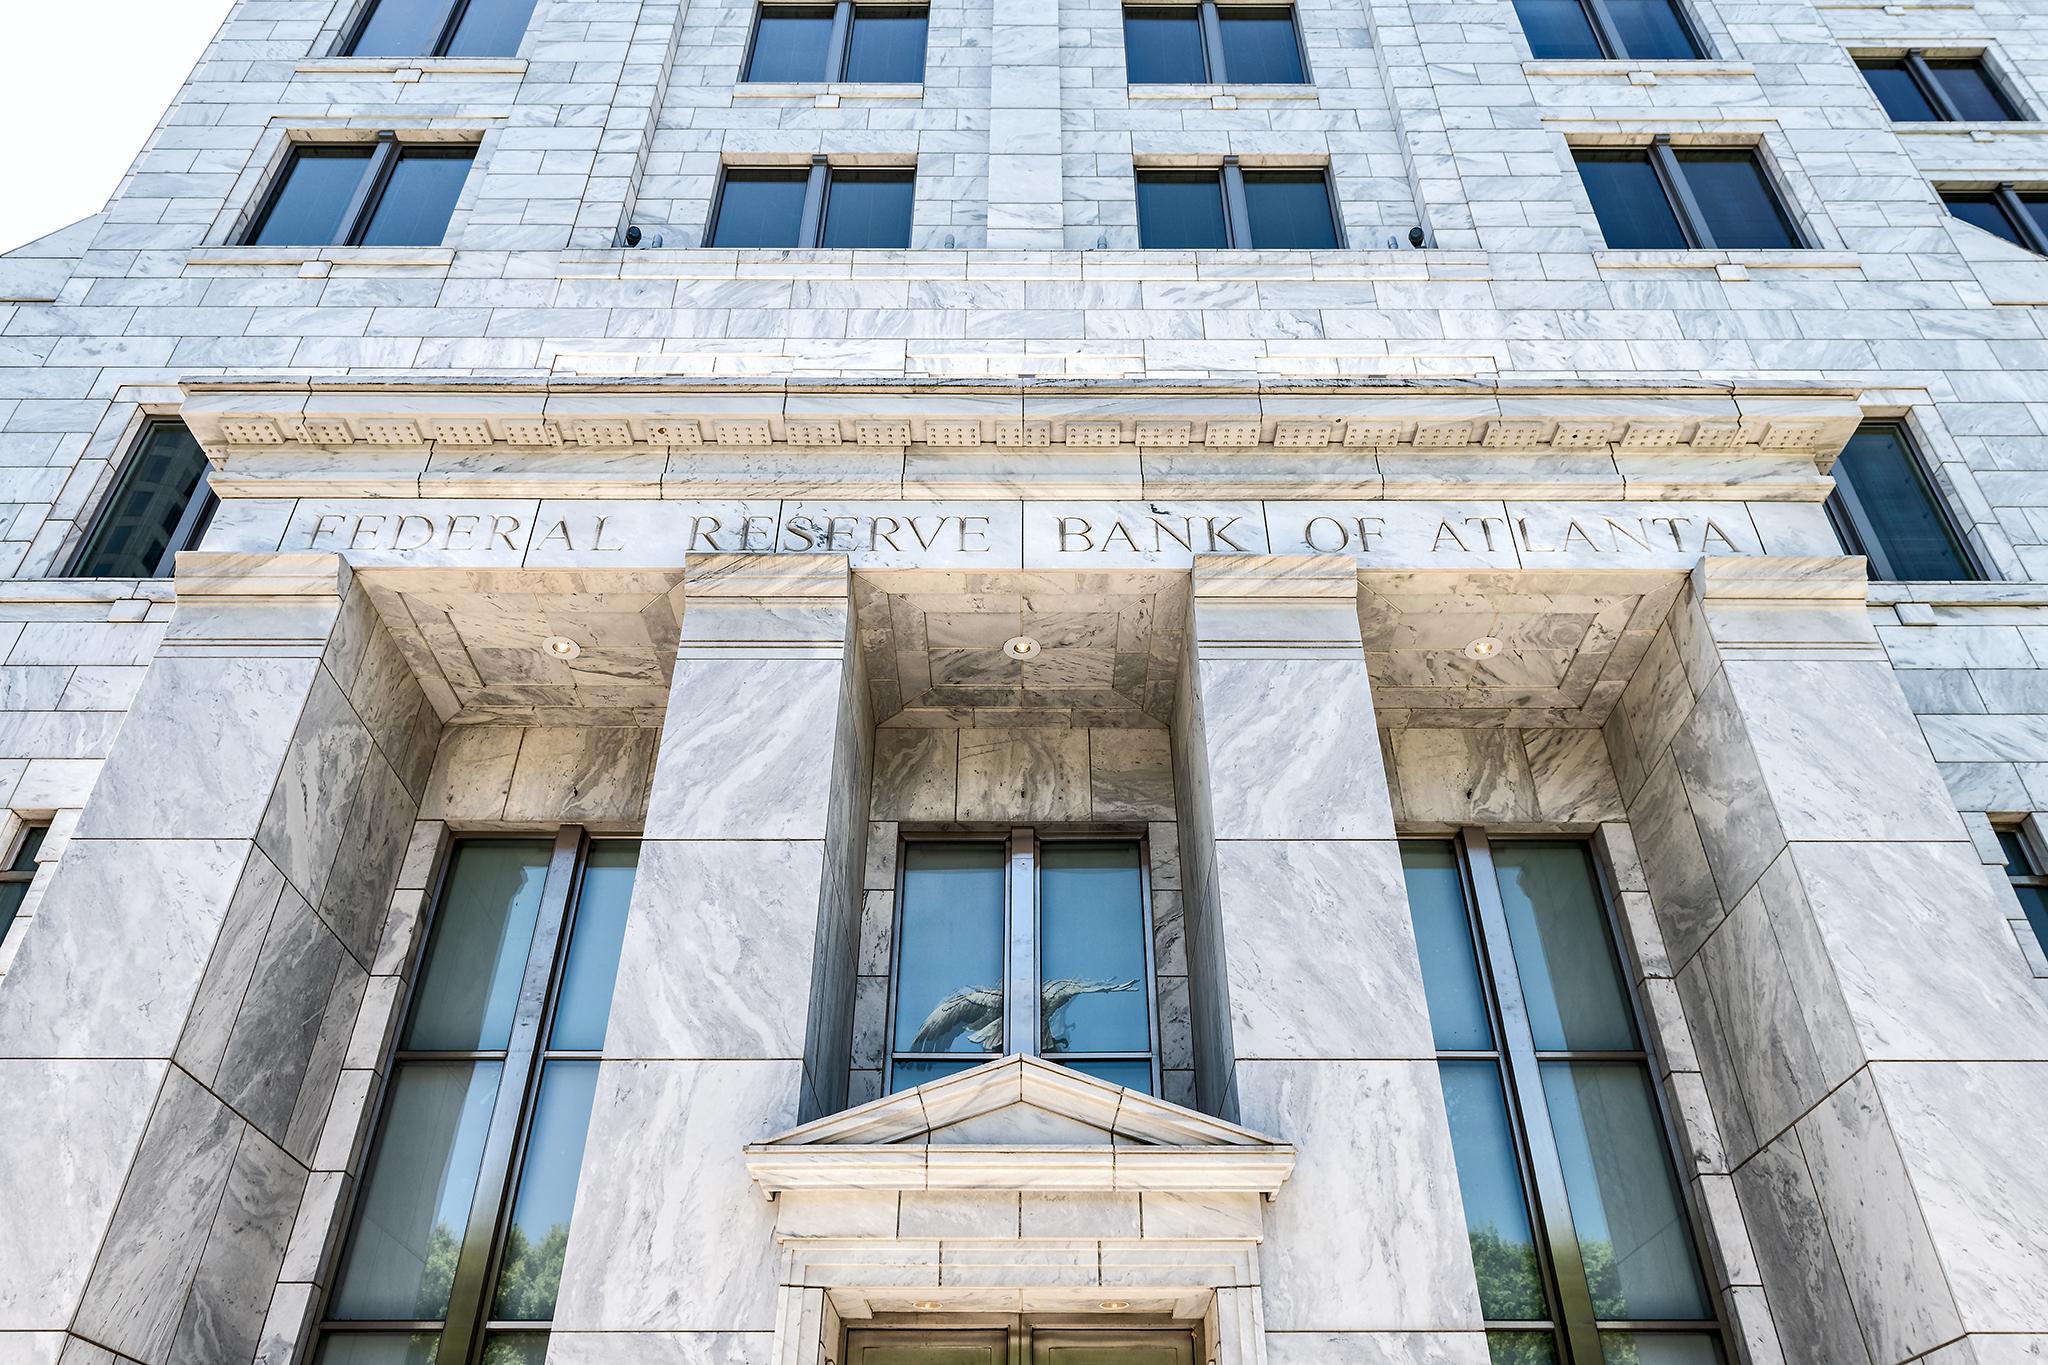 Atlanta Monetary Museum